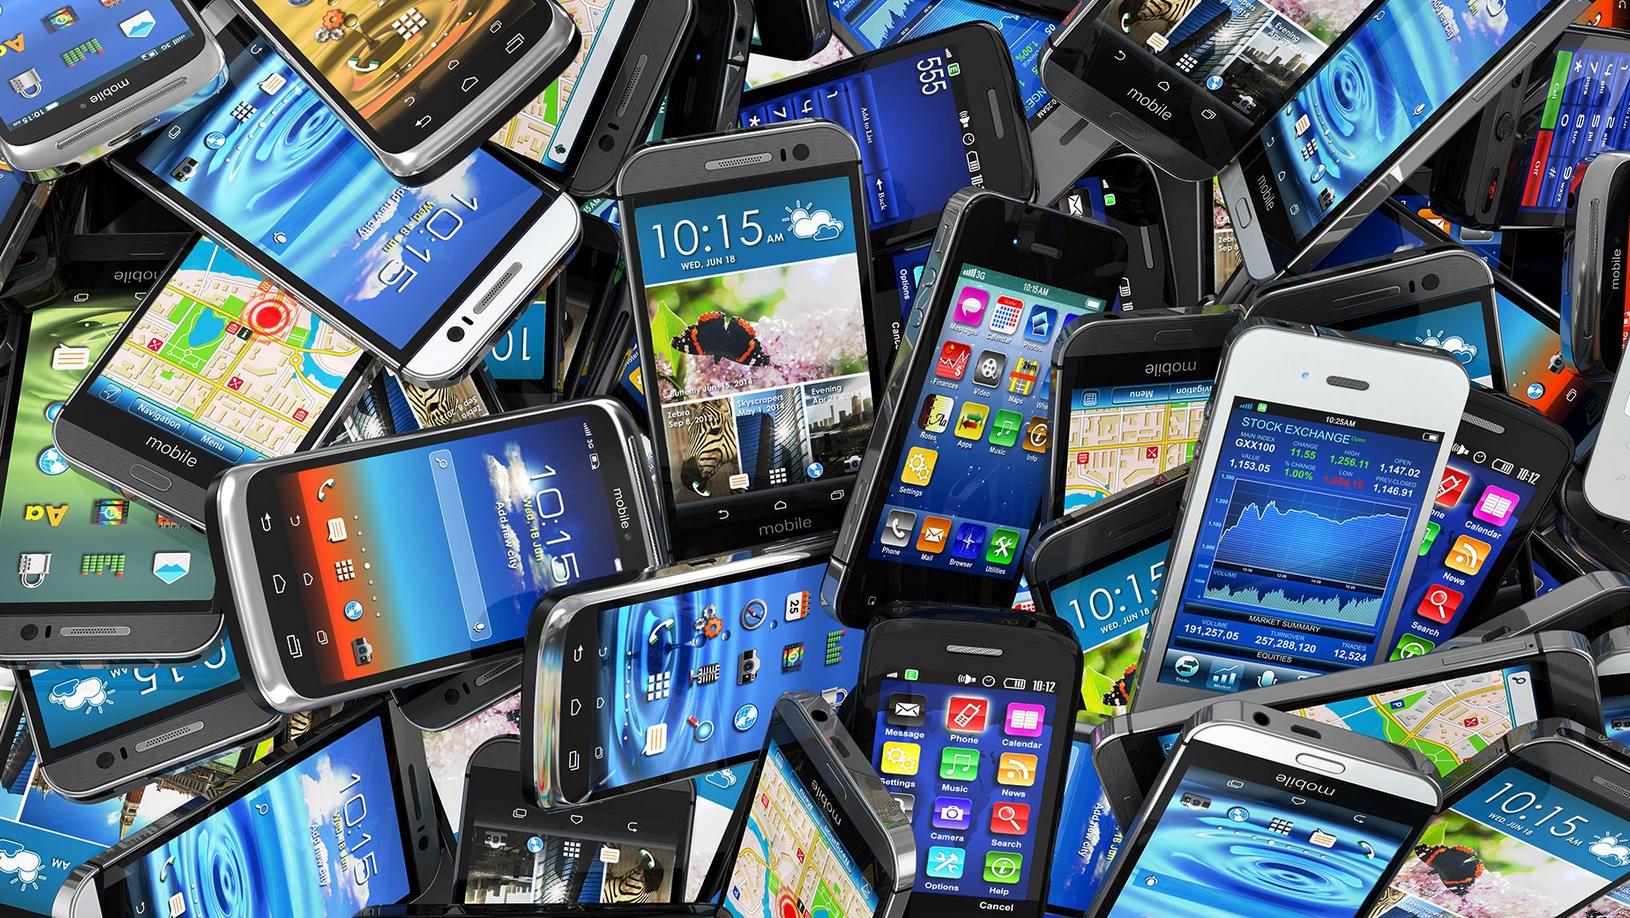 Milyenek az európai mobil erőviszonyok?